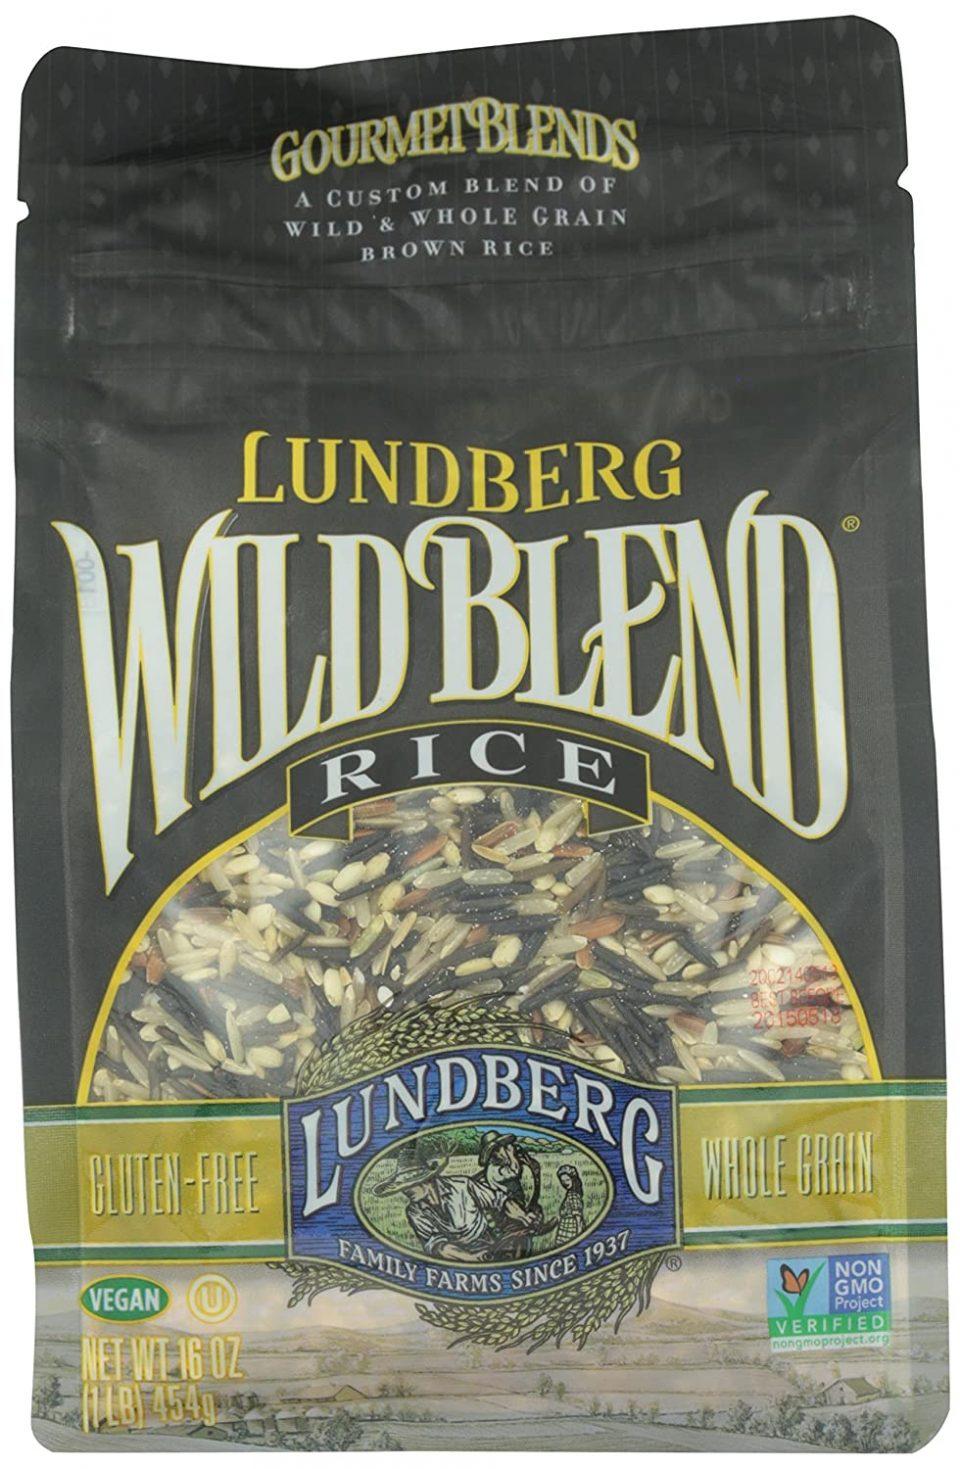 Lundberg Wild Blend